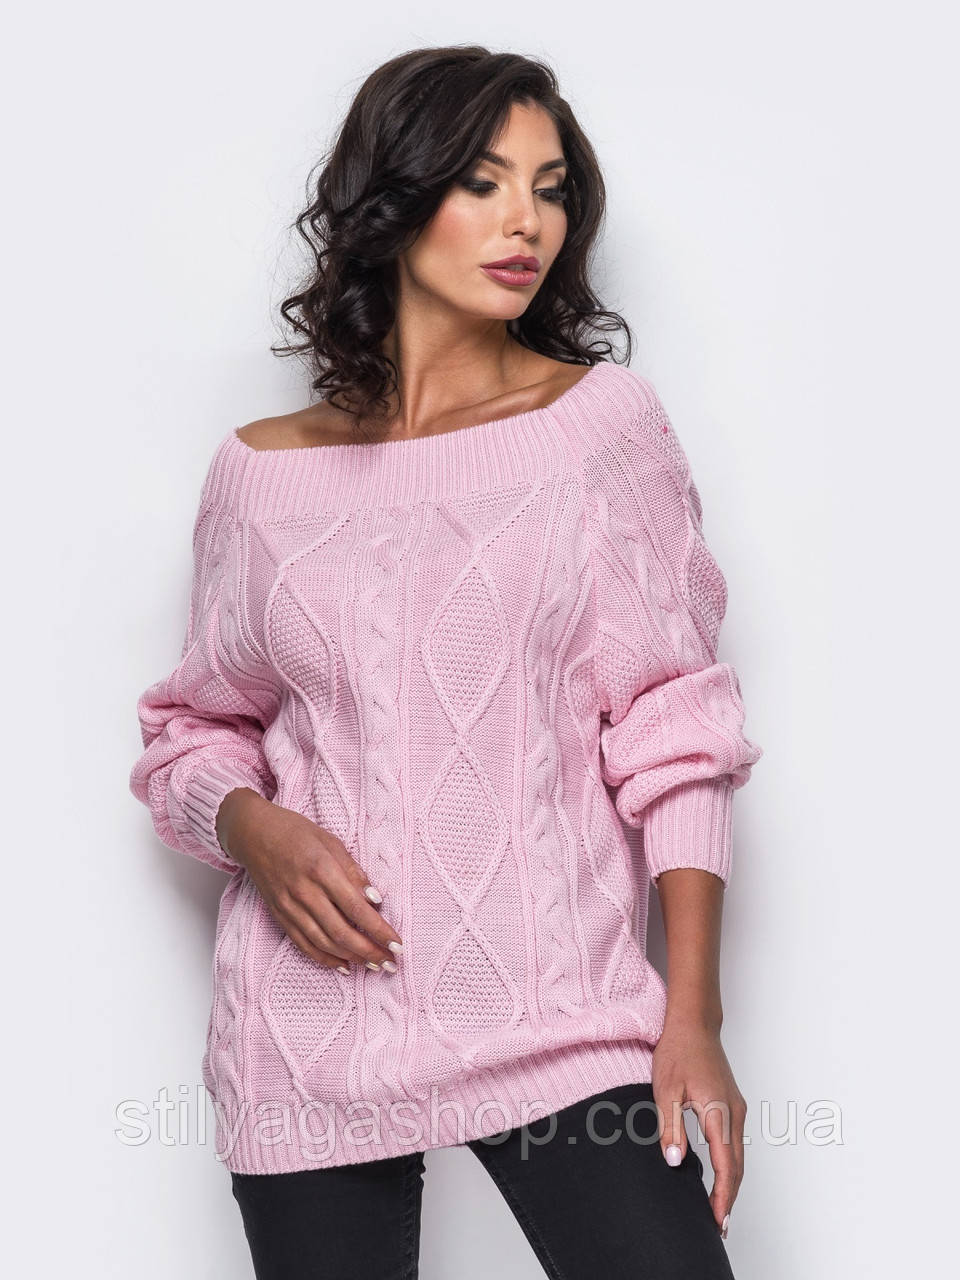 Стильный удлиненный свитер с рукавом реглан